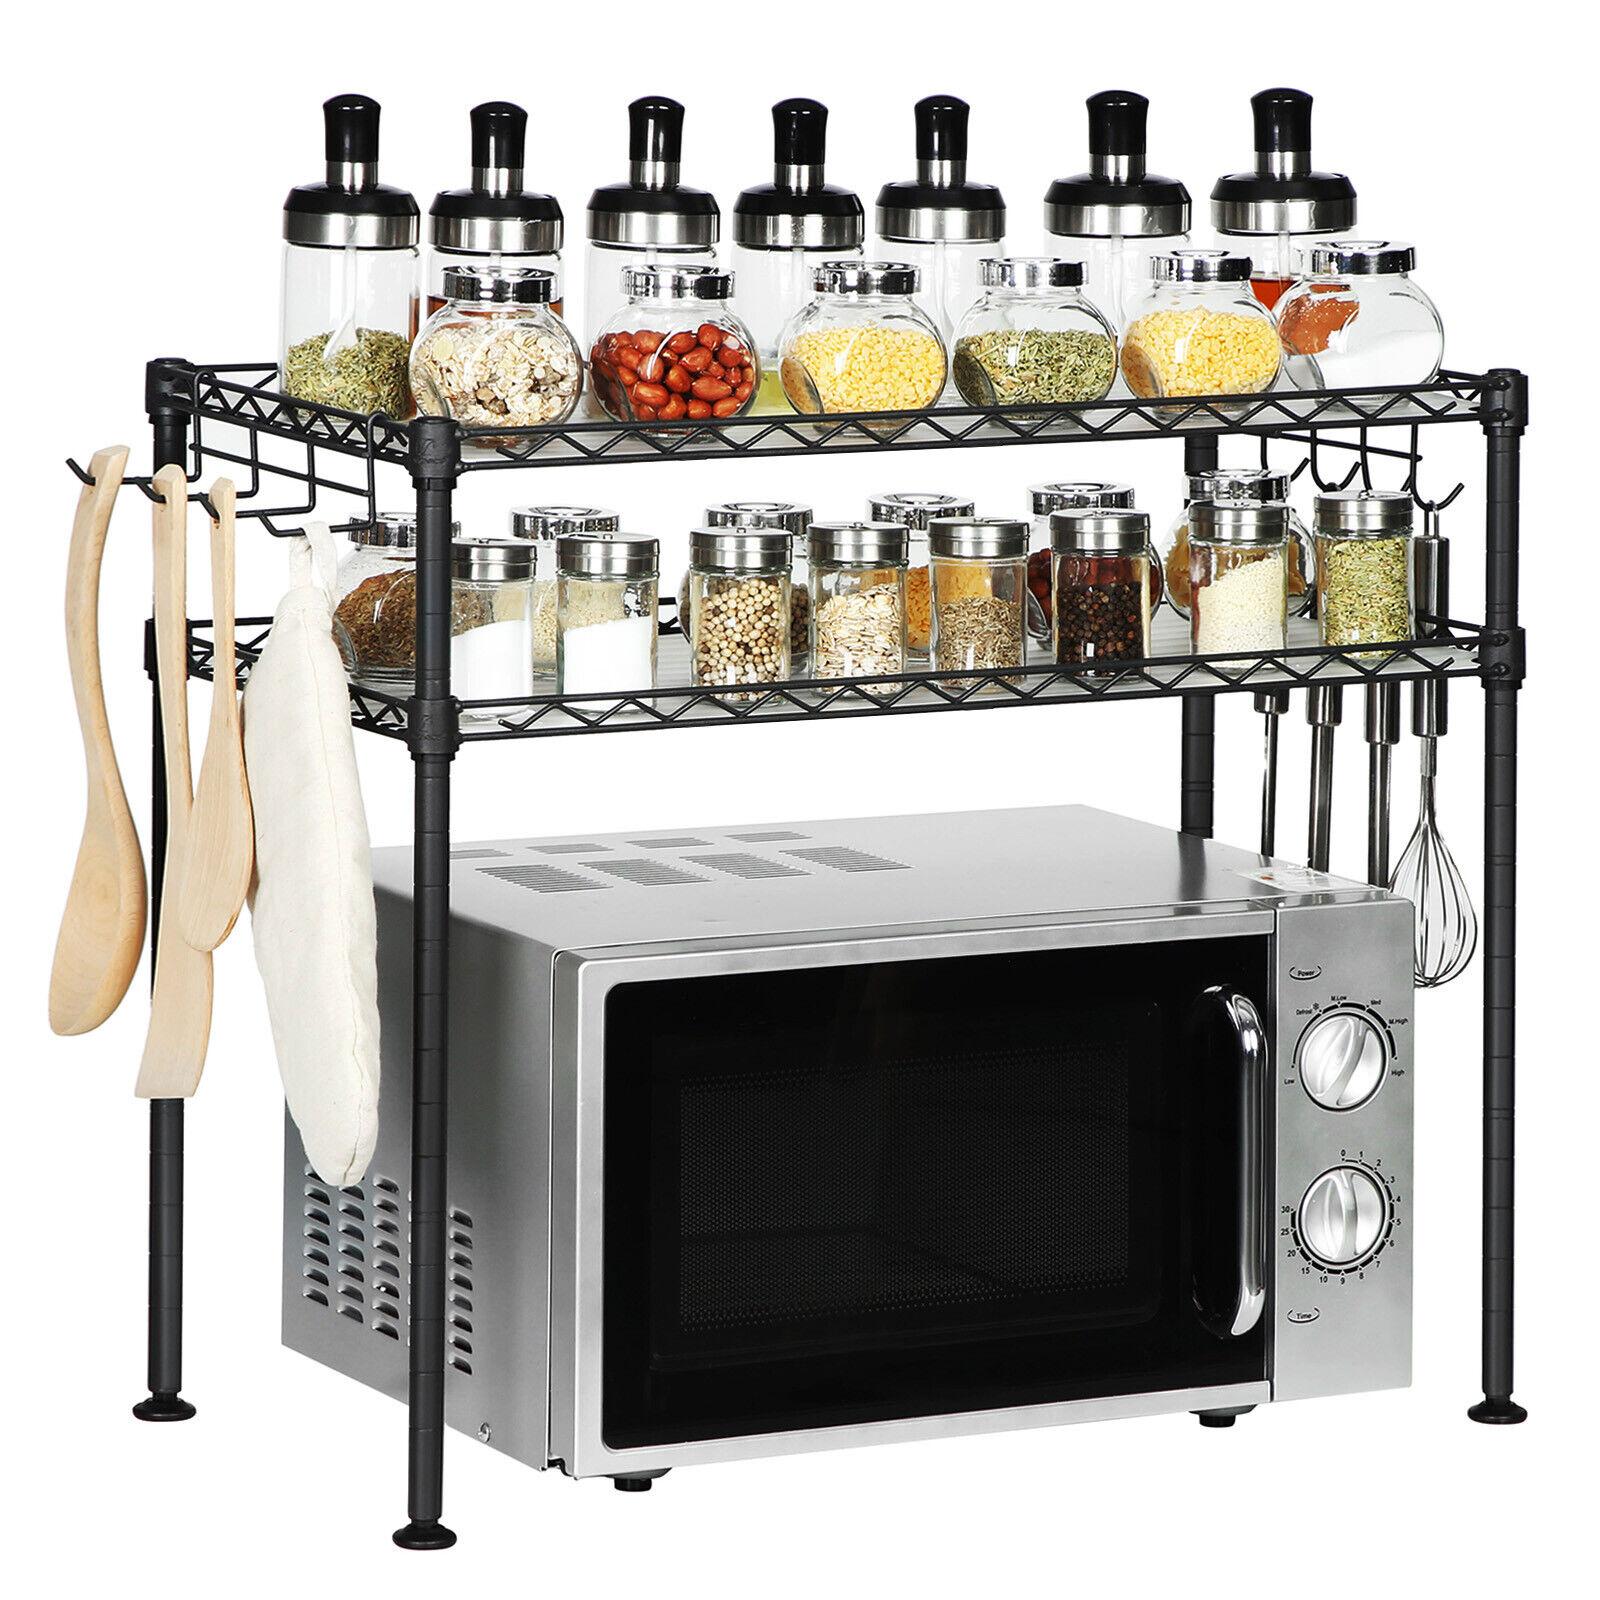 Küchenregal mit 2 Ebenen Mikrowellenregal Standregal Stahl 2 Ablage und 8 Haken